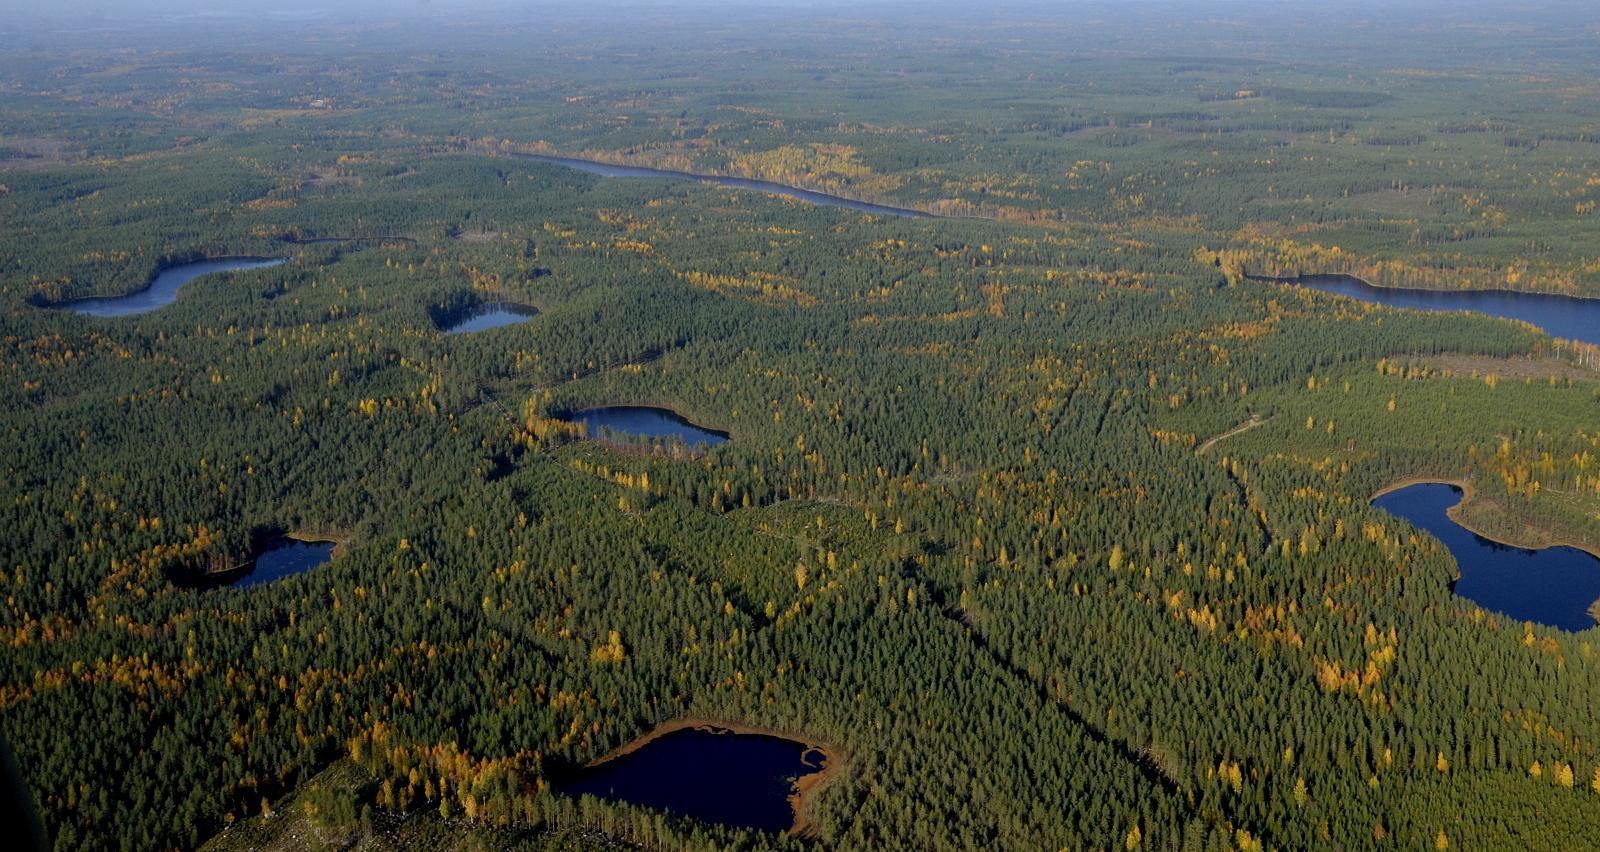 Lisää pieniä lampia, osa nimettömiä. Vasemmalla ylhäällä Salmijärvi, oikealla ylhäällä Keskimmäinen Vuorijärvi.